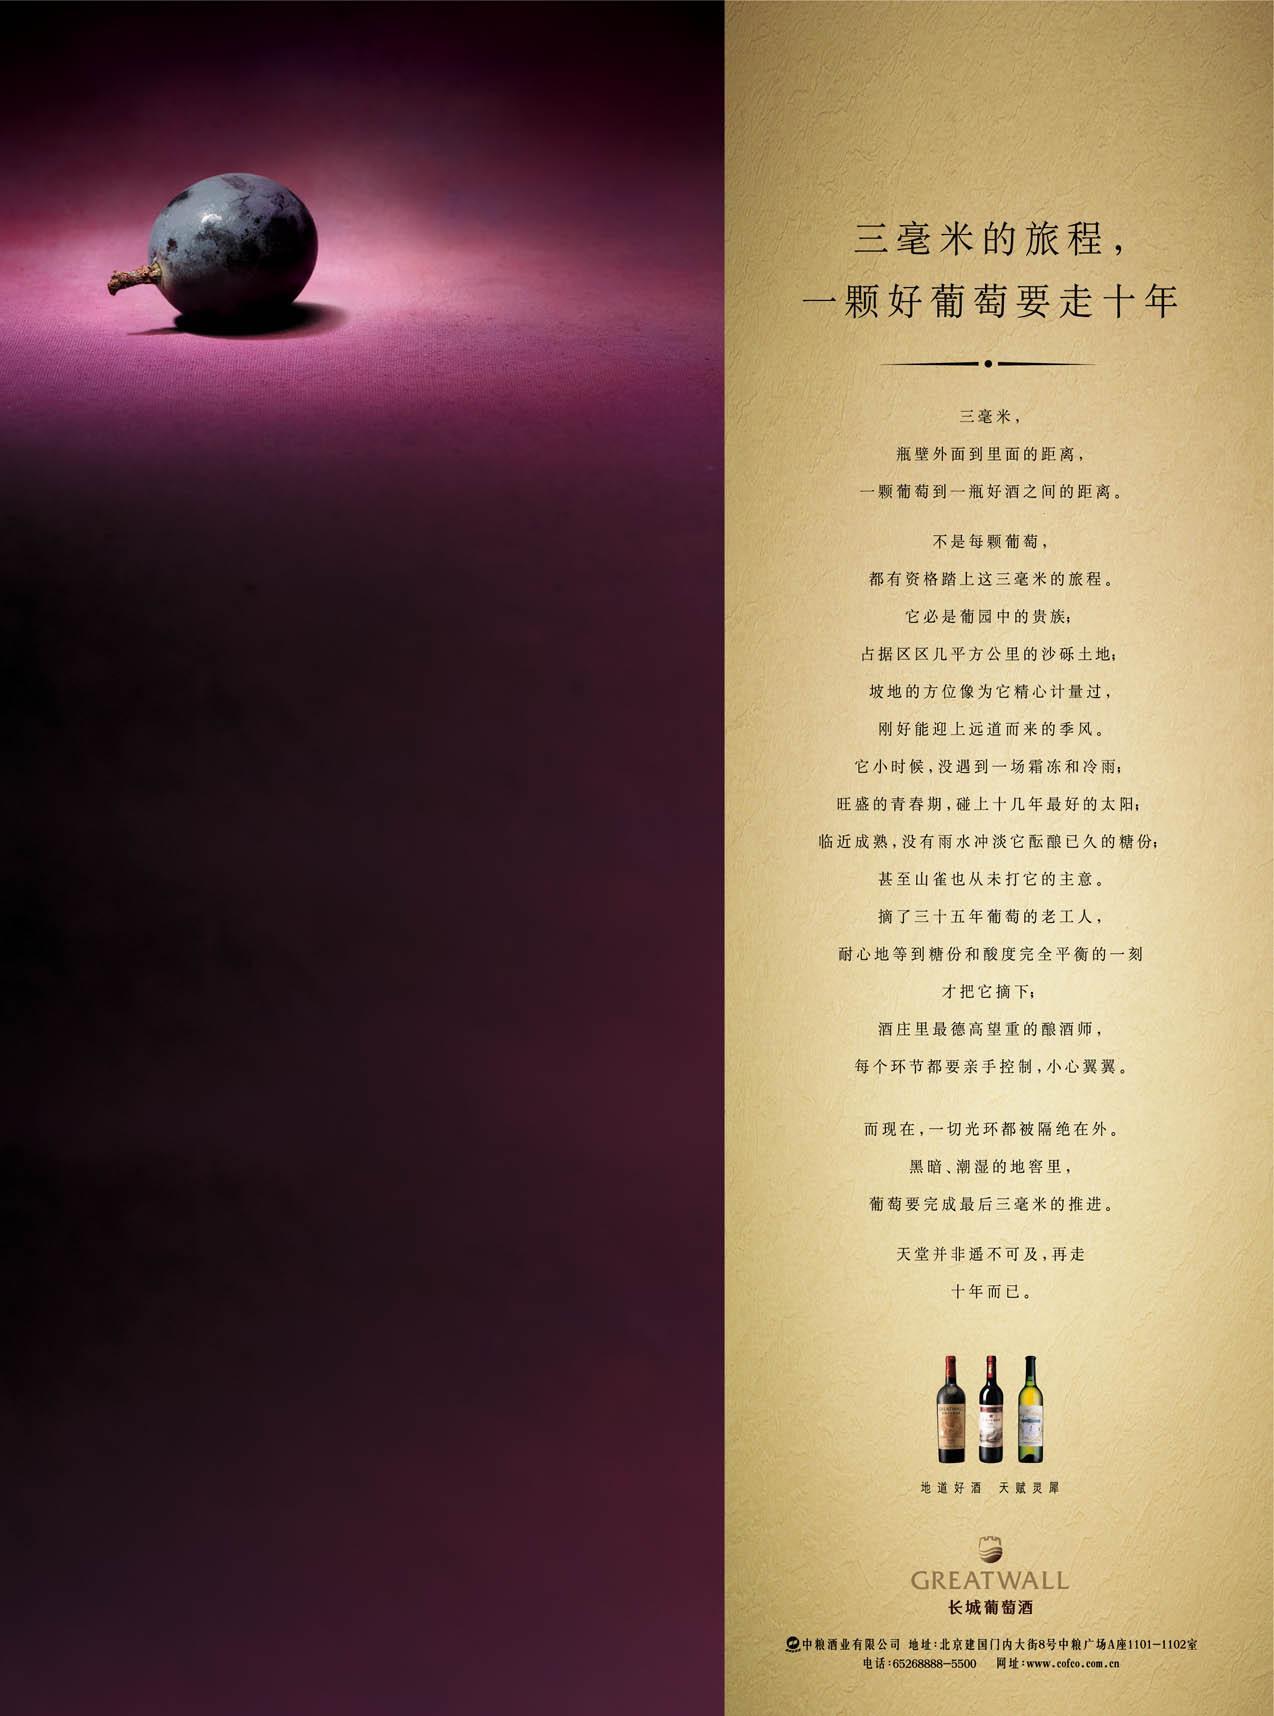 广告策划文案_文案能力_seo文案